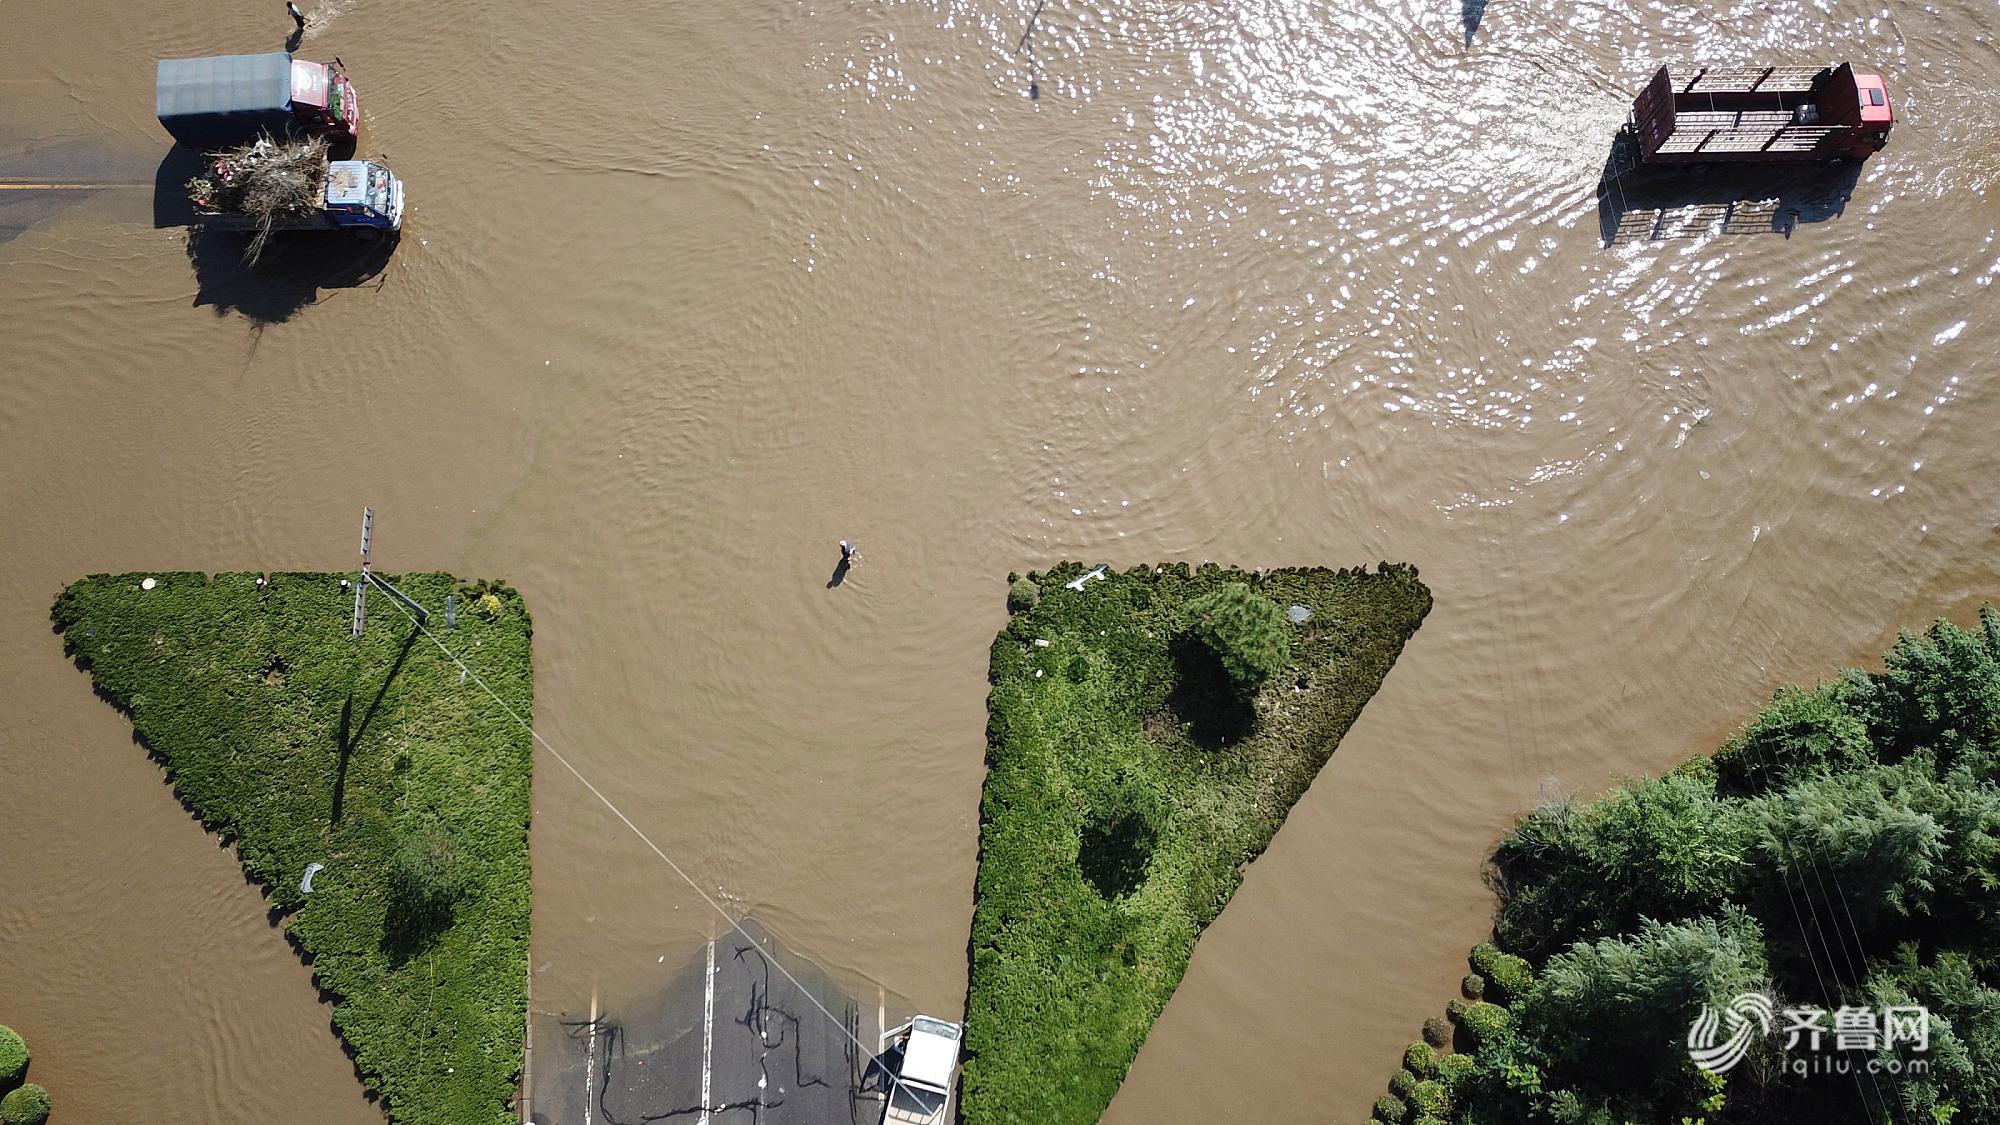 截至26日23时 潍坊累计无害化处理生猪等溺亡畜禽4498吨